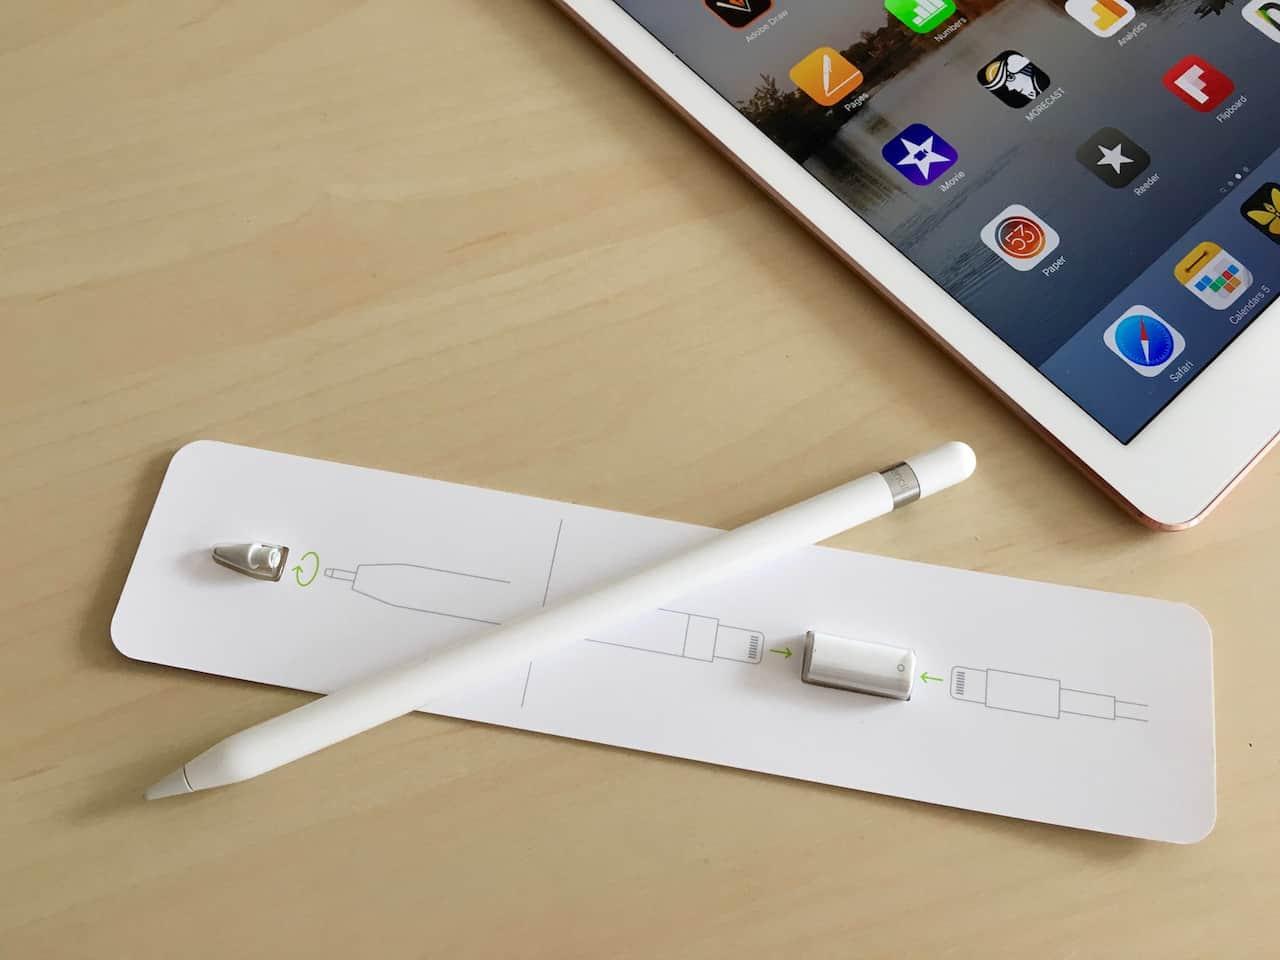 ipad-pro-9-7-apple-pen-10